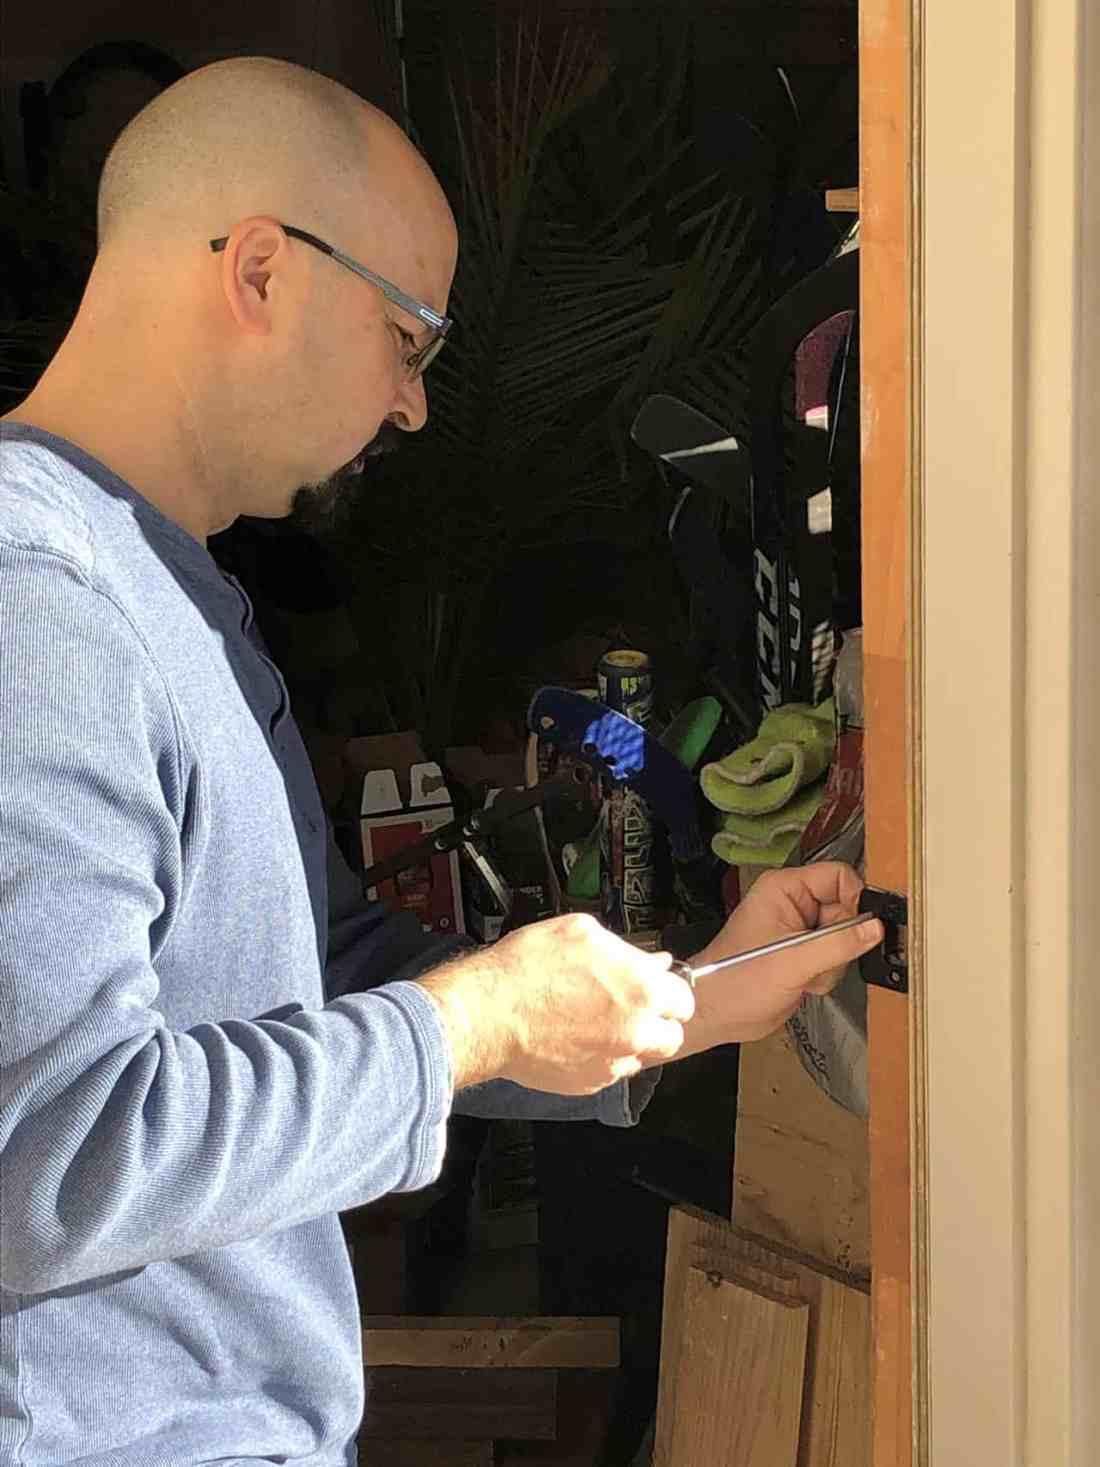 Dean working on garage door